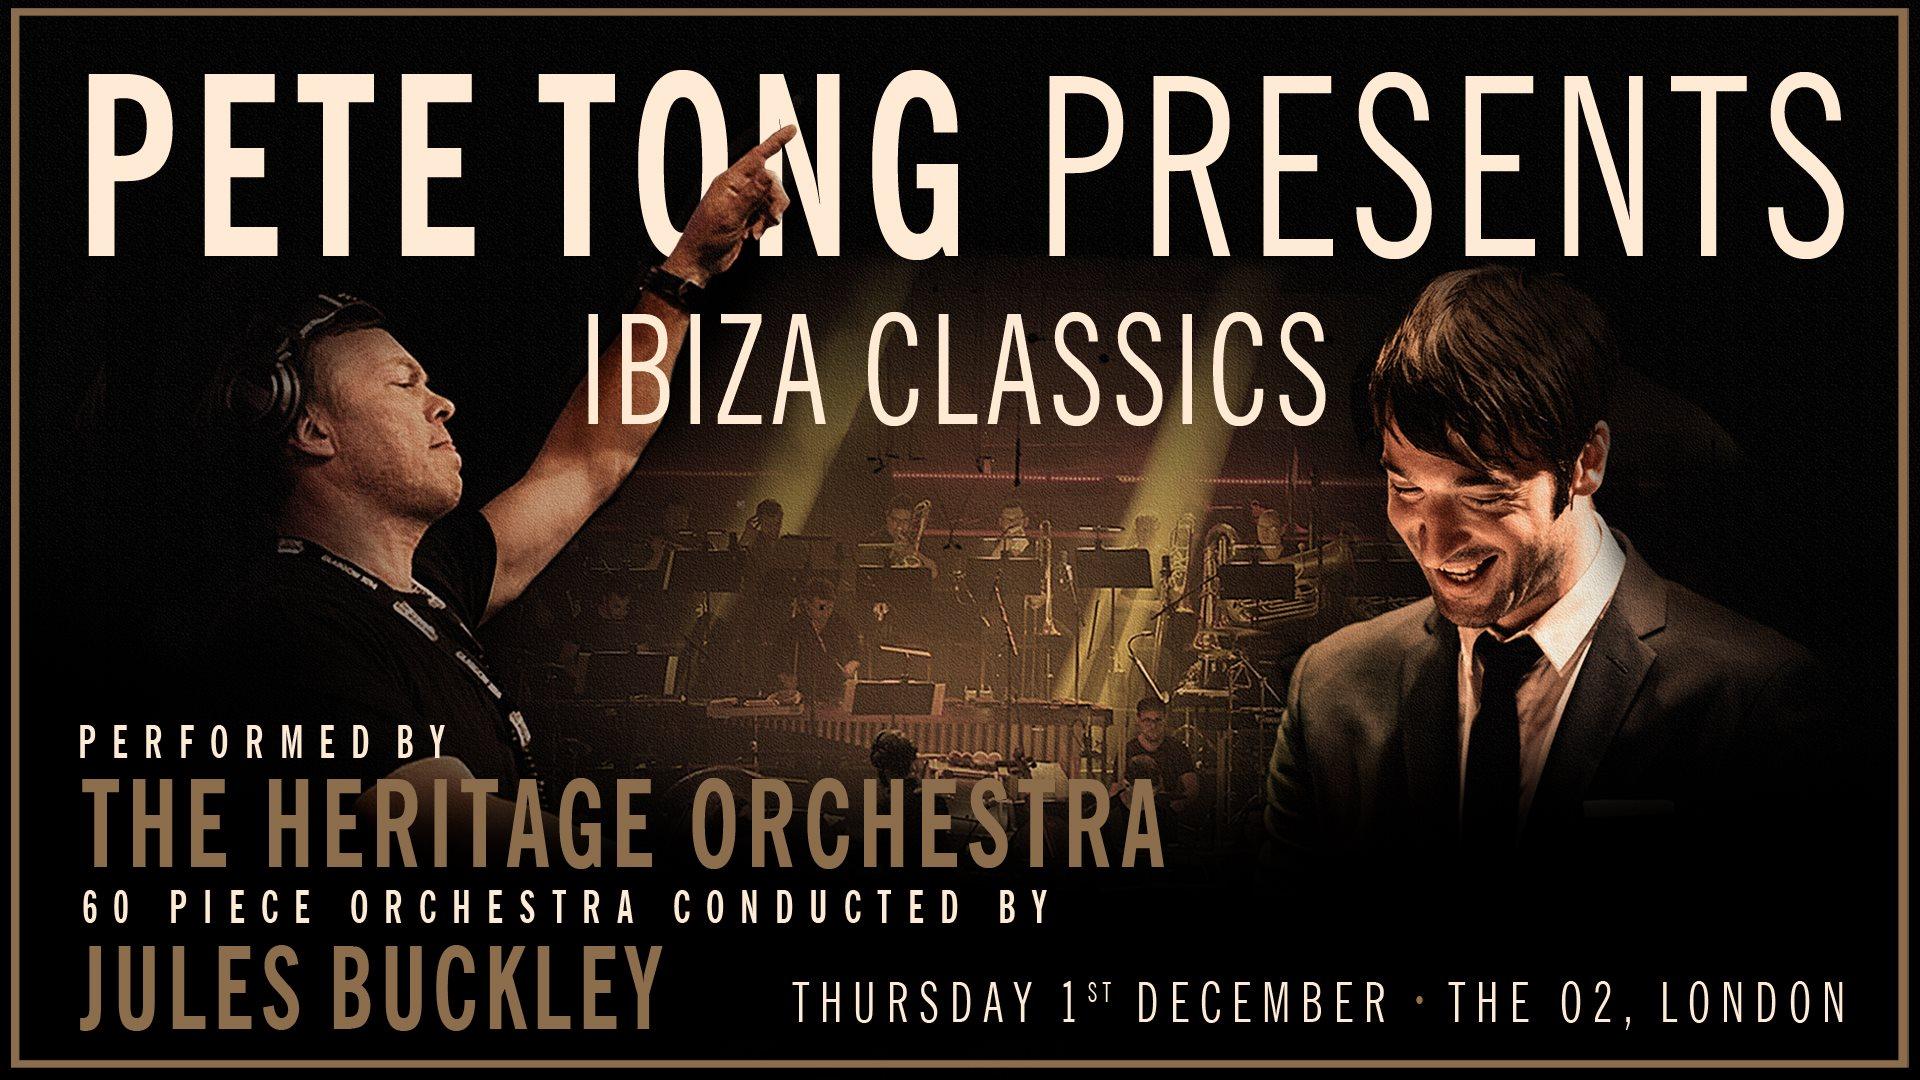 Pete Tong set to release 'Ibiza Classics' album ile ilgili görsel sonucu